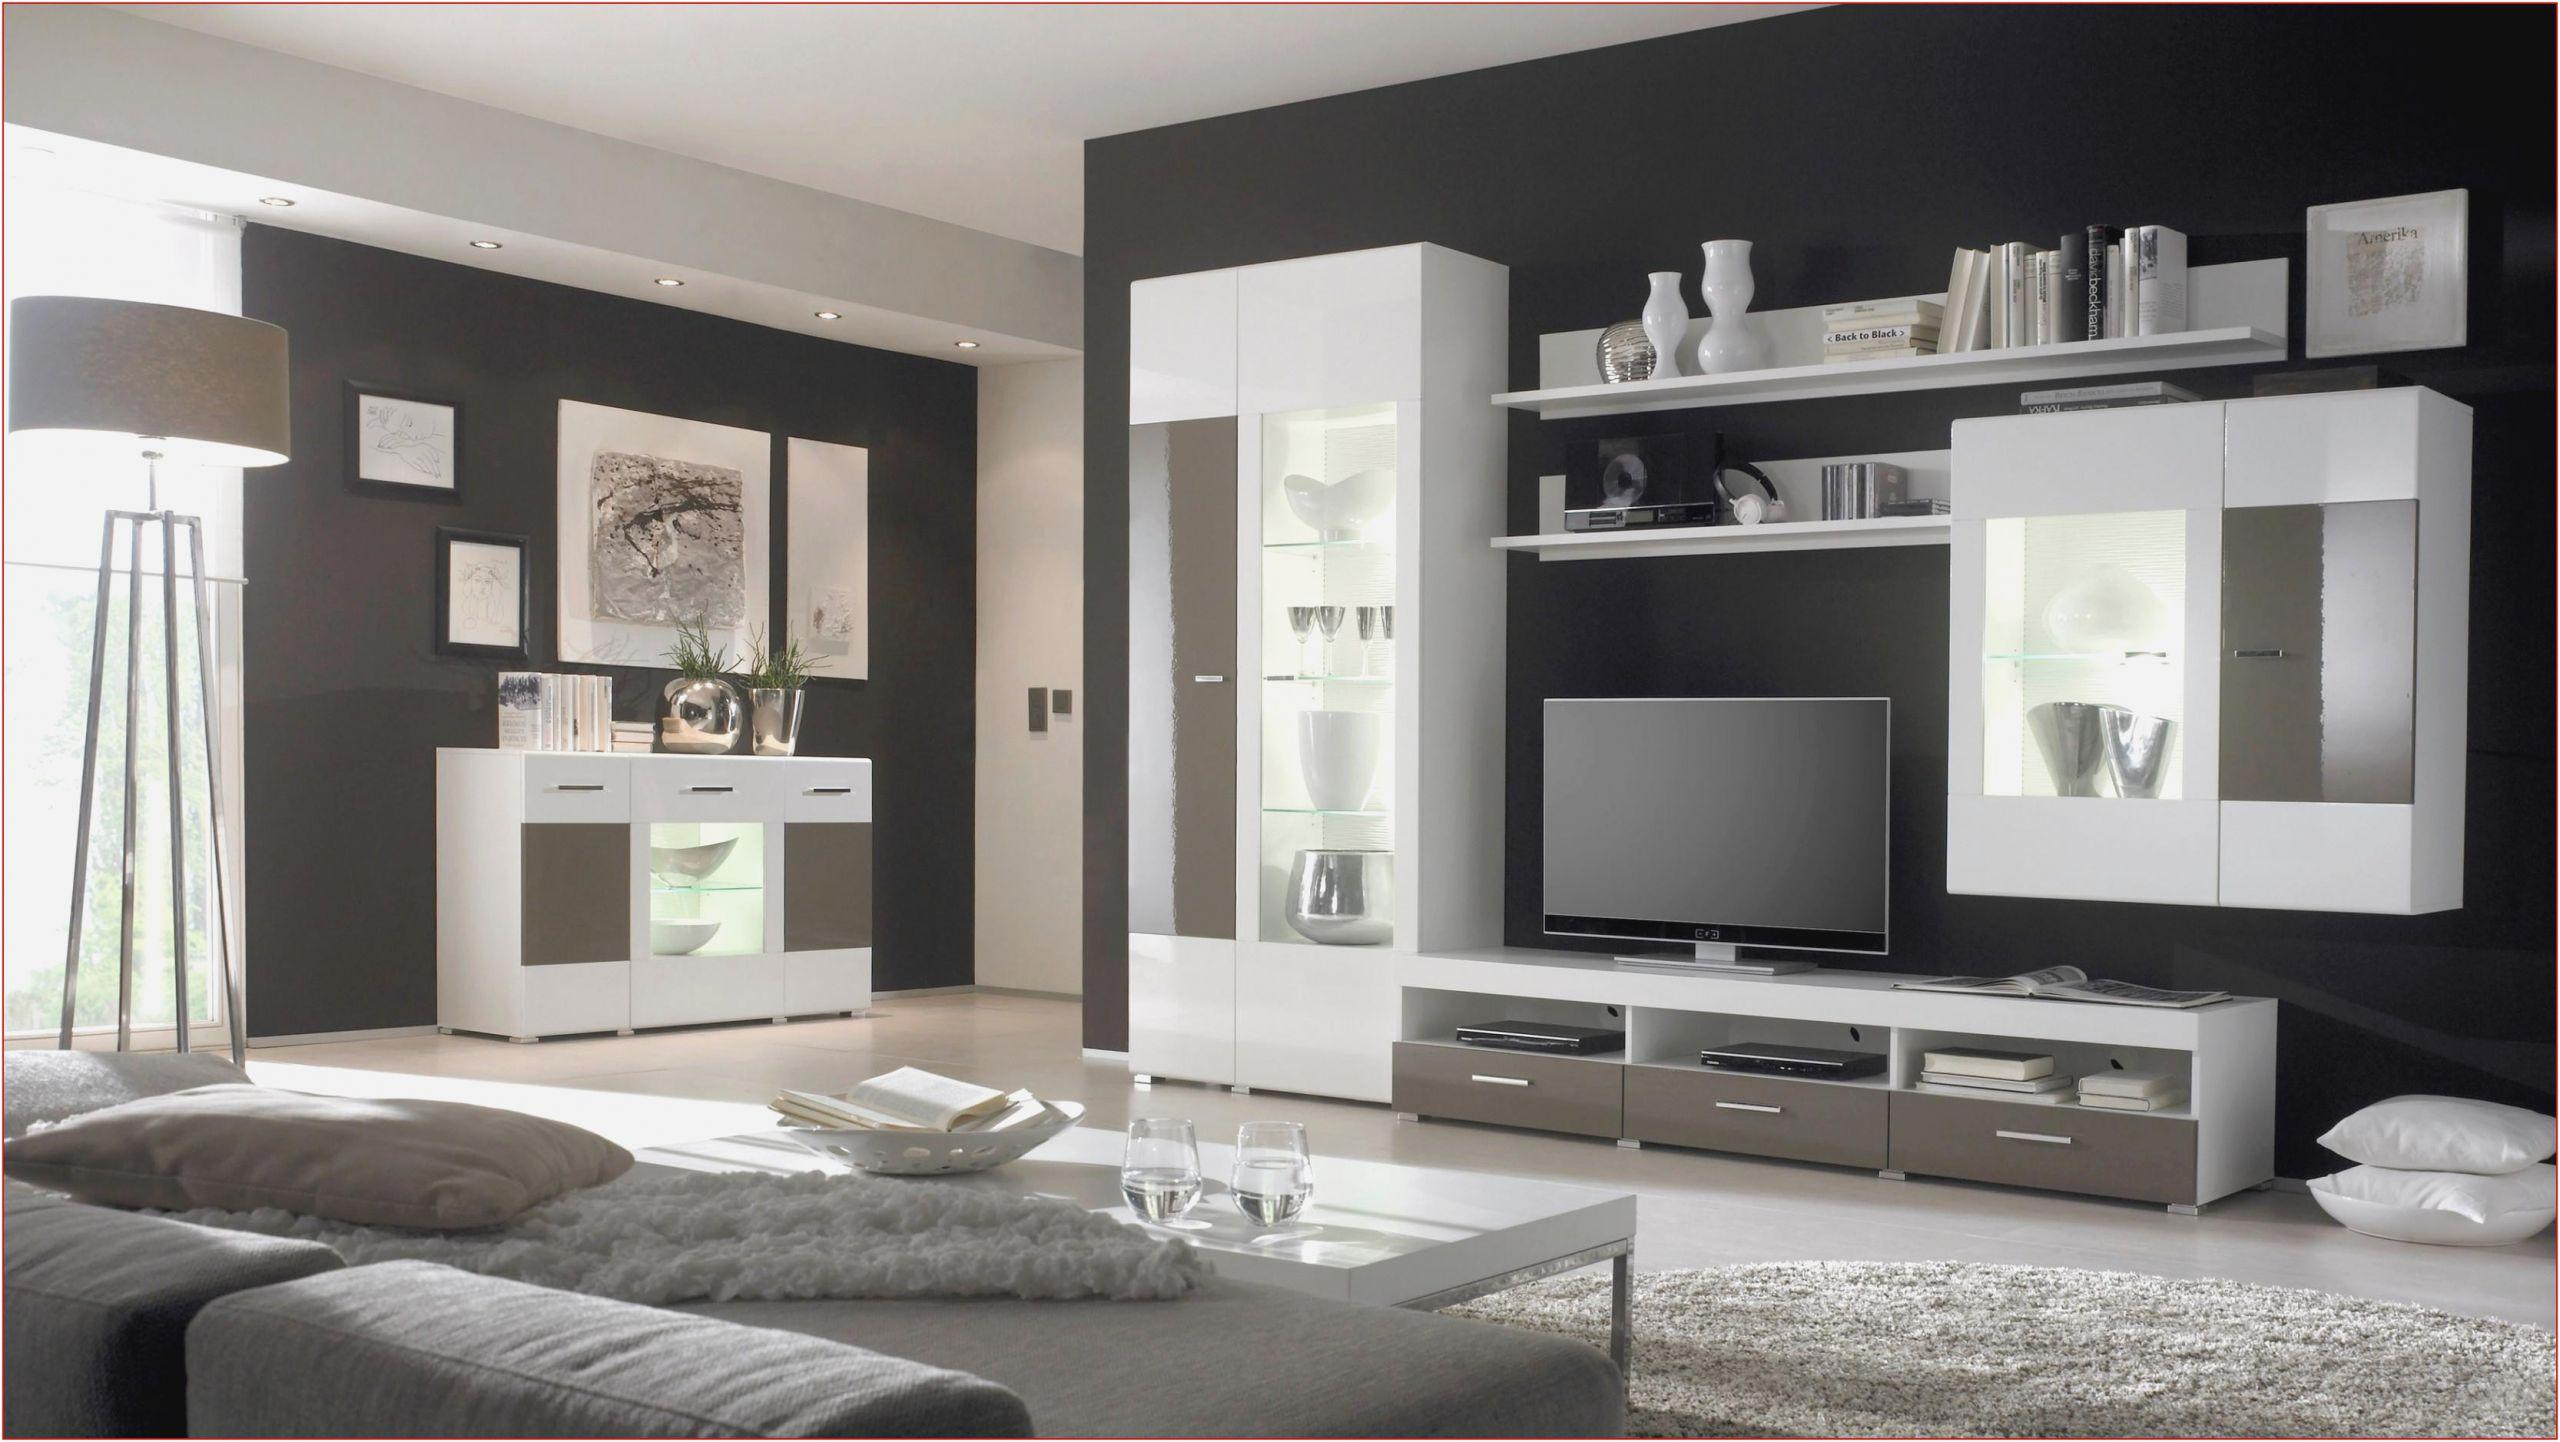 Badezimmer Modern Türkis Badezimmer Seifenspender Set Türkis Ankleidezimmer